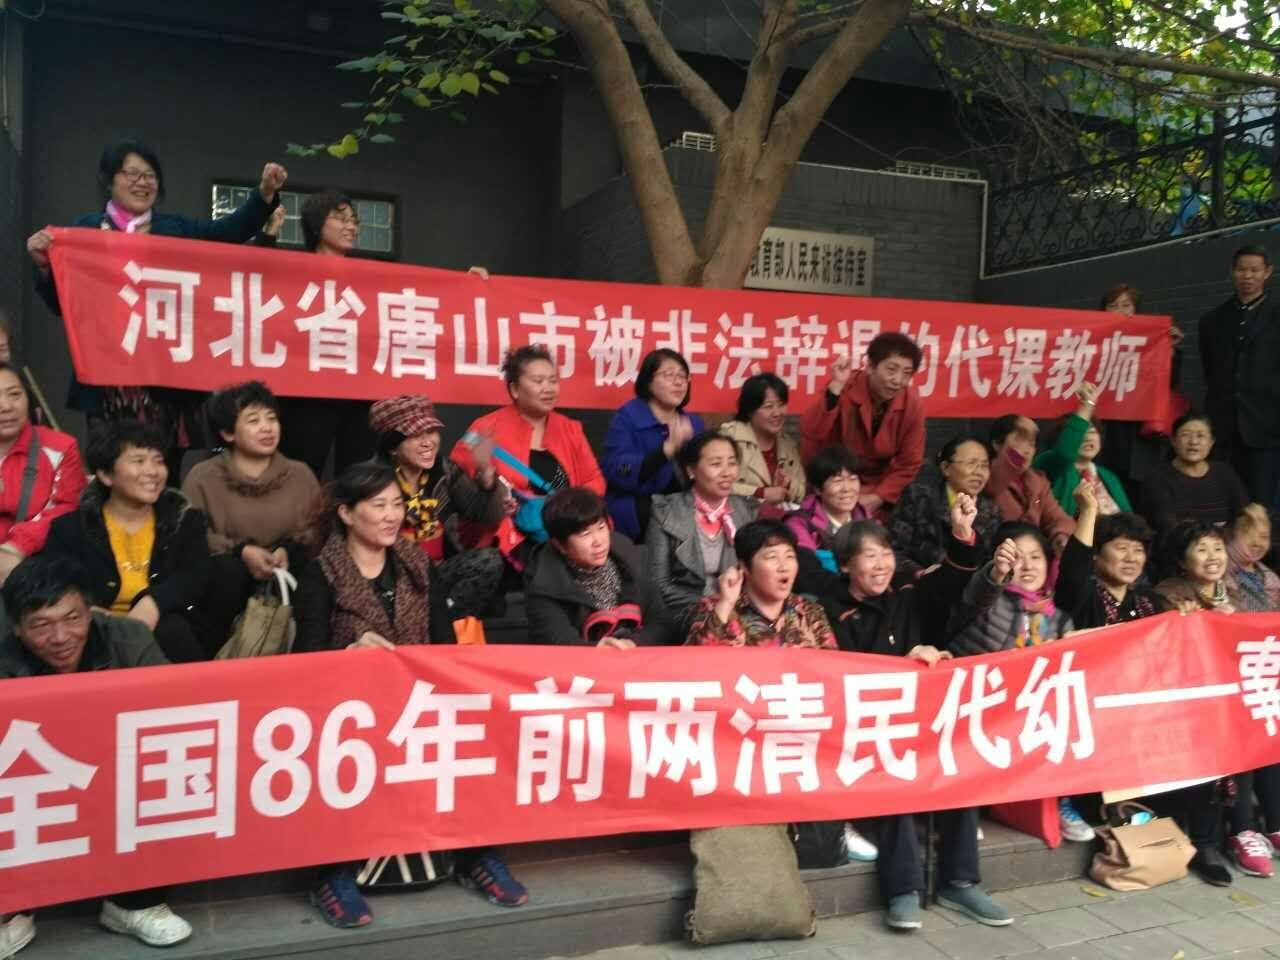 自由亚洲|29省市逾万名民办教师 再掀全国集体上访潮